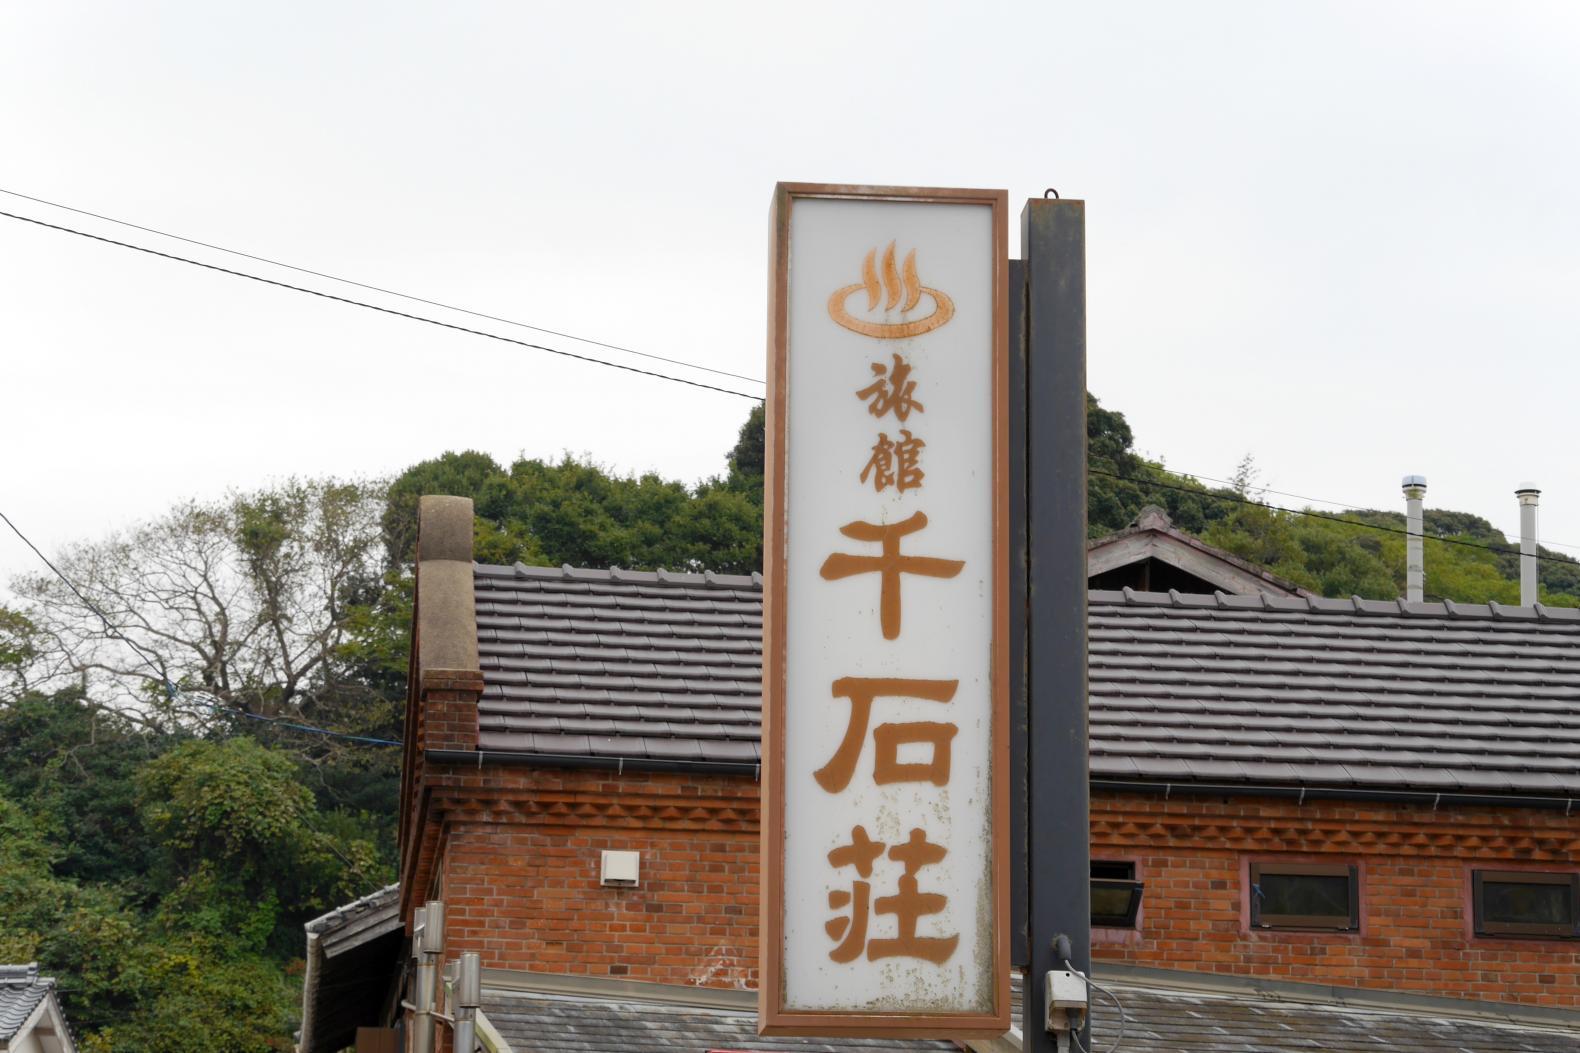 外観も浴場もレトロな雰囲気 旅館千石荘-3